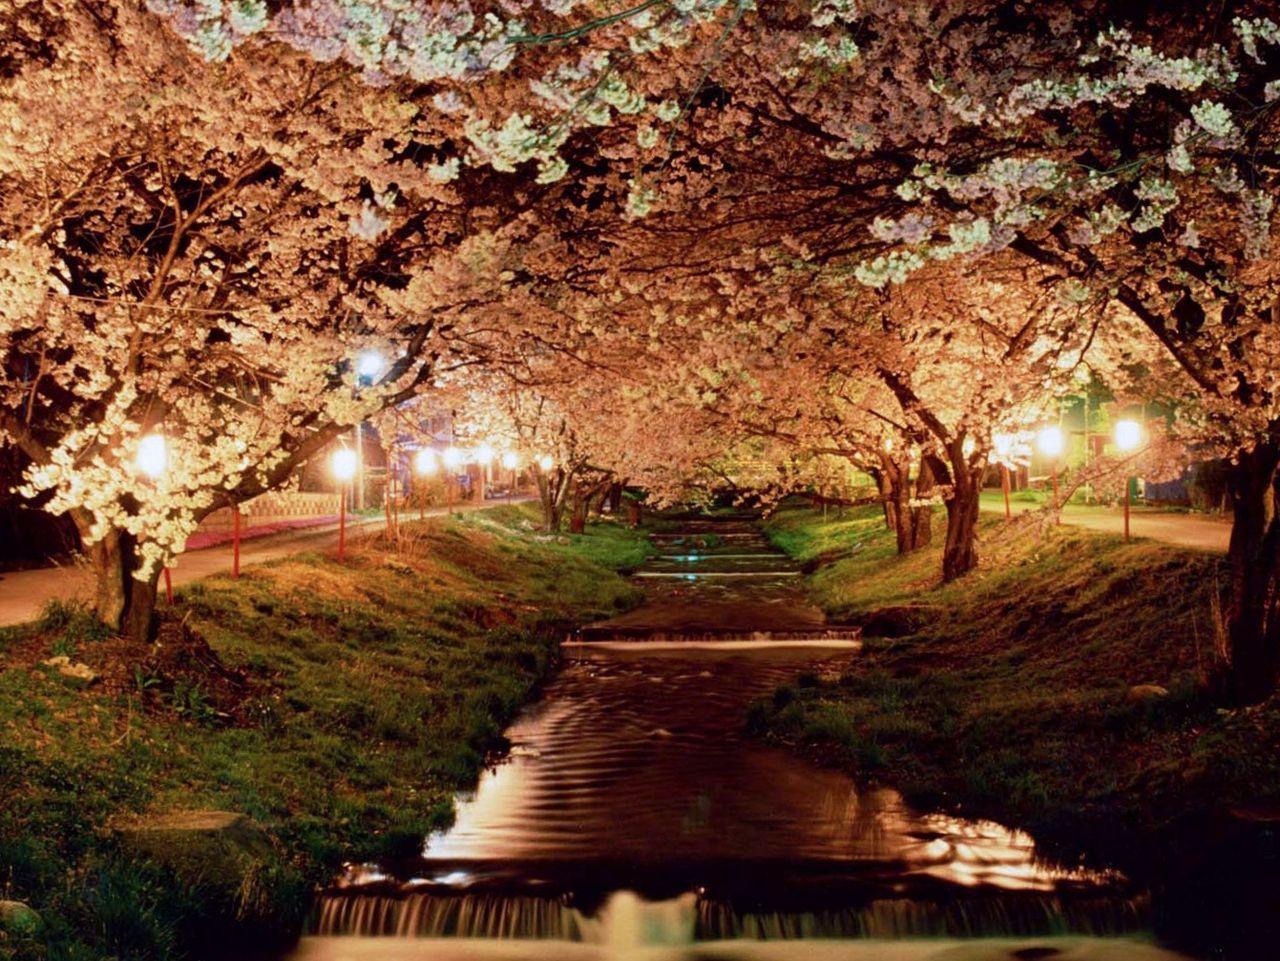 Ночной пейзаж во время цветения (фотография предоставлена отделом туризма, торговли и промышленности города Инавасиро)